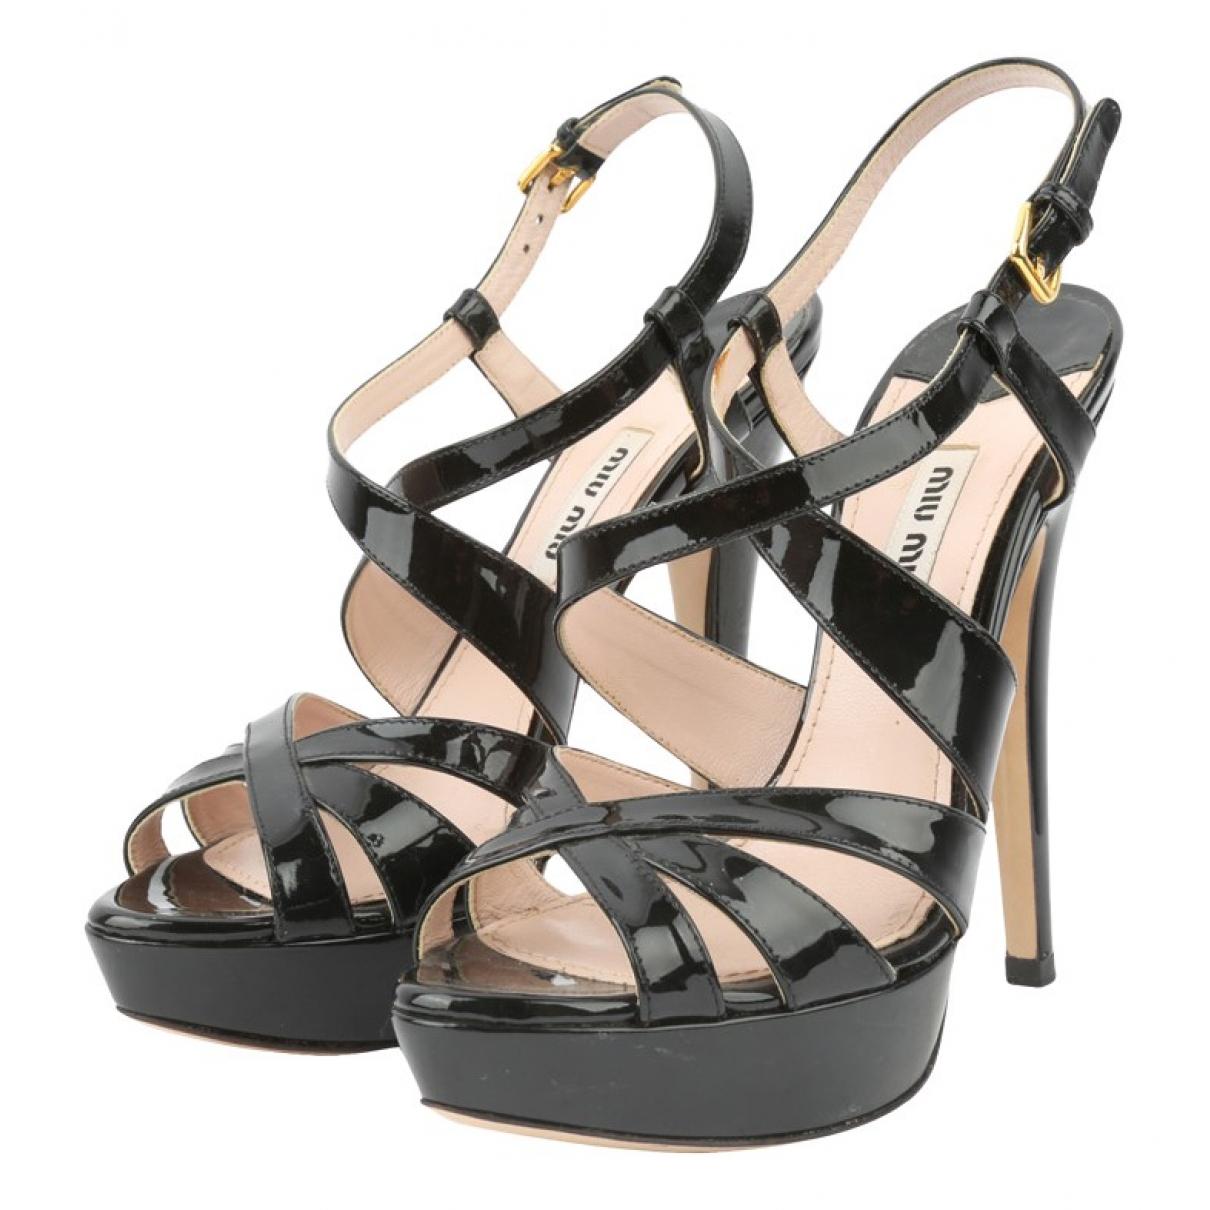 Miu Miu \N Black Patent leather Sandals for Women 36 EU